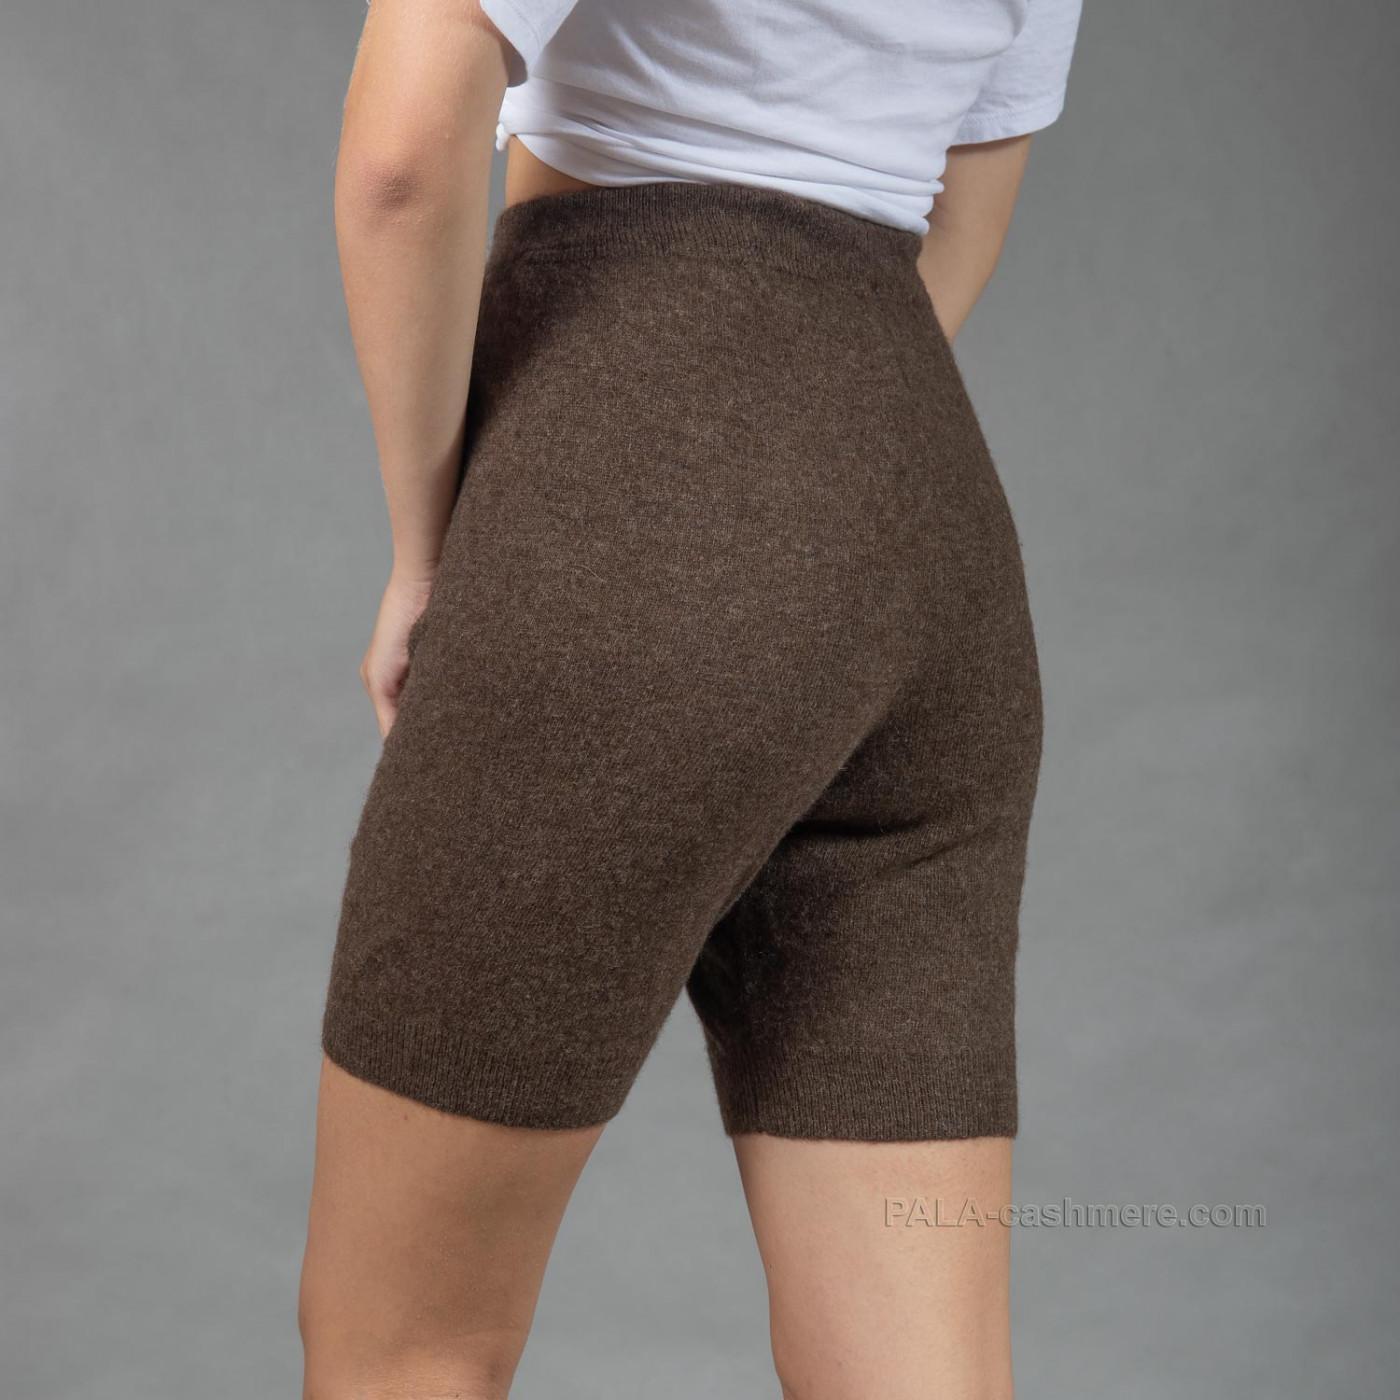 Женские шорты из шерсти под одежду